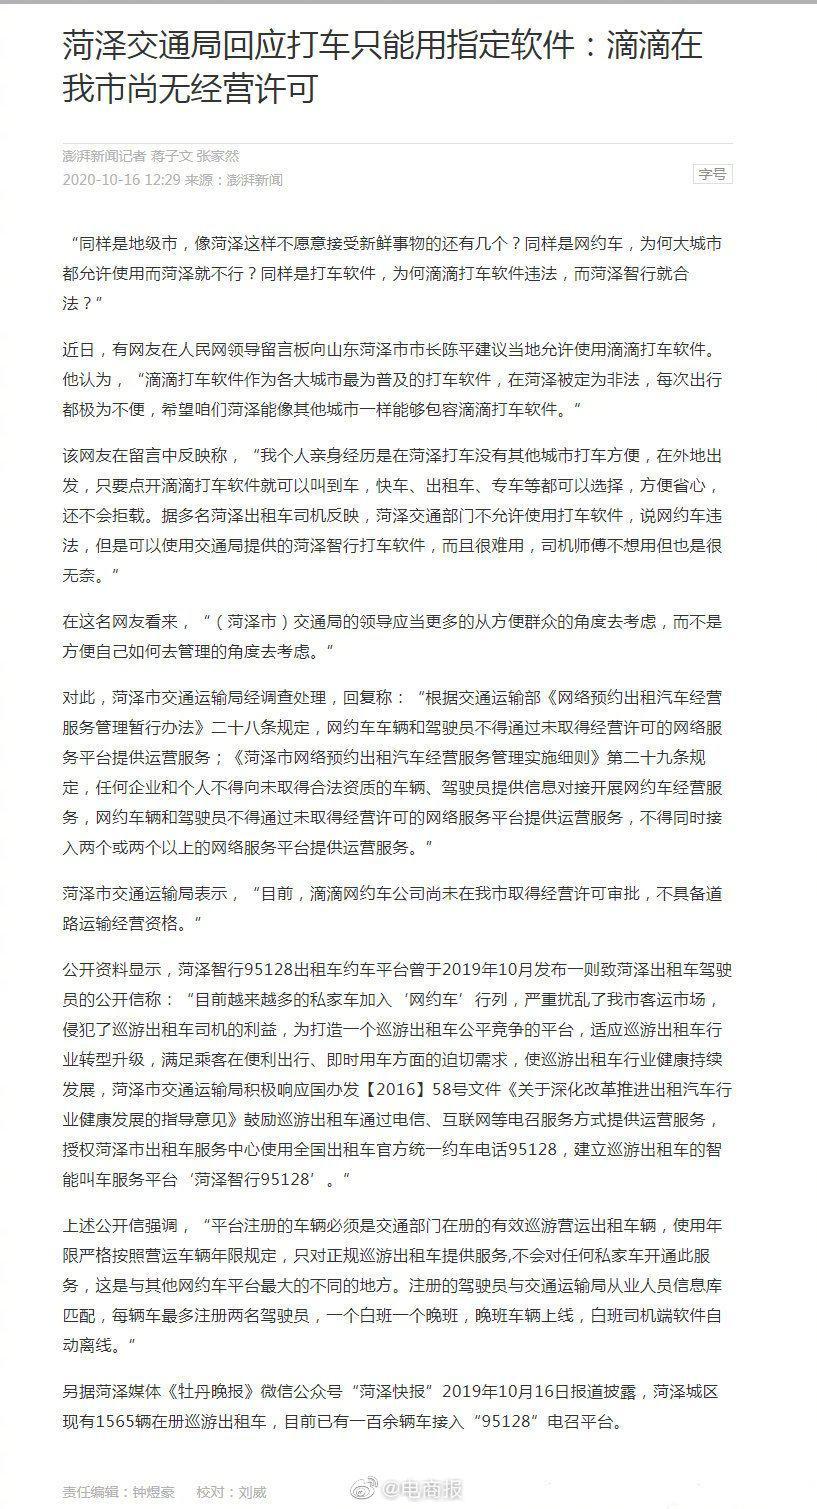 菏泽官方回应不能使用滴滴打车软件:未接到企业入驻申请